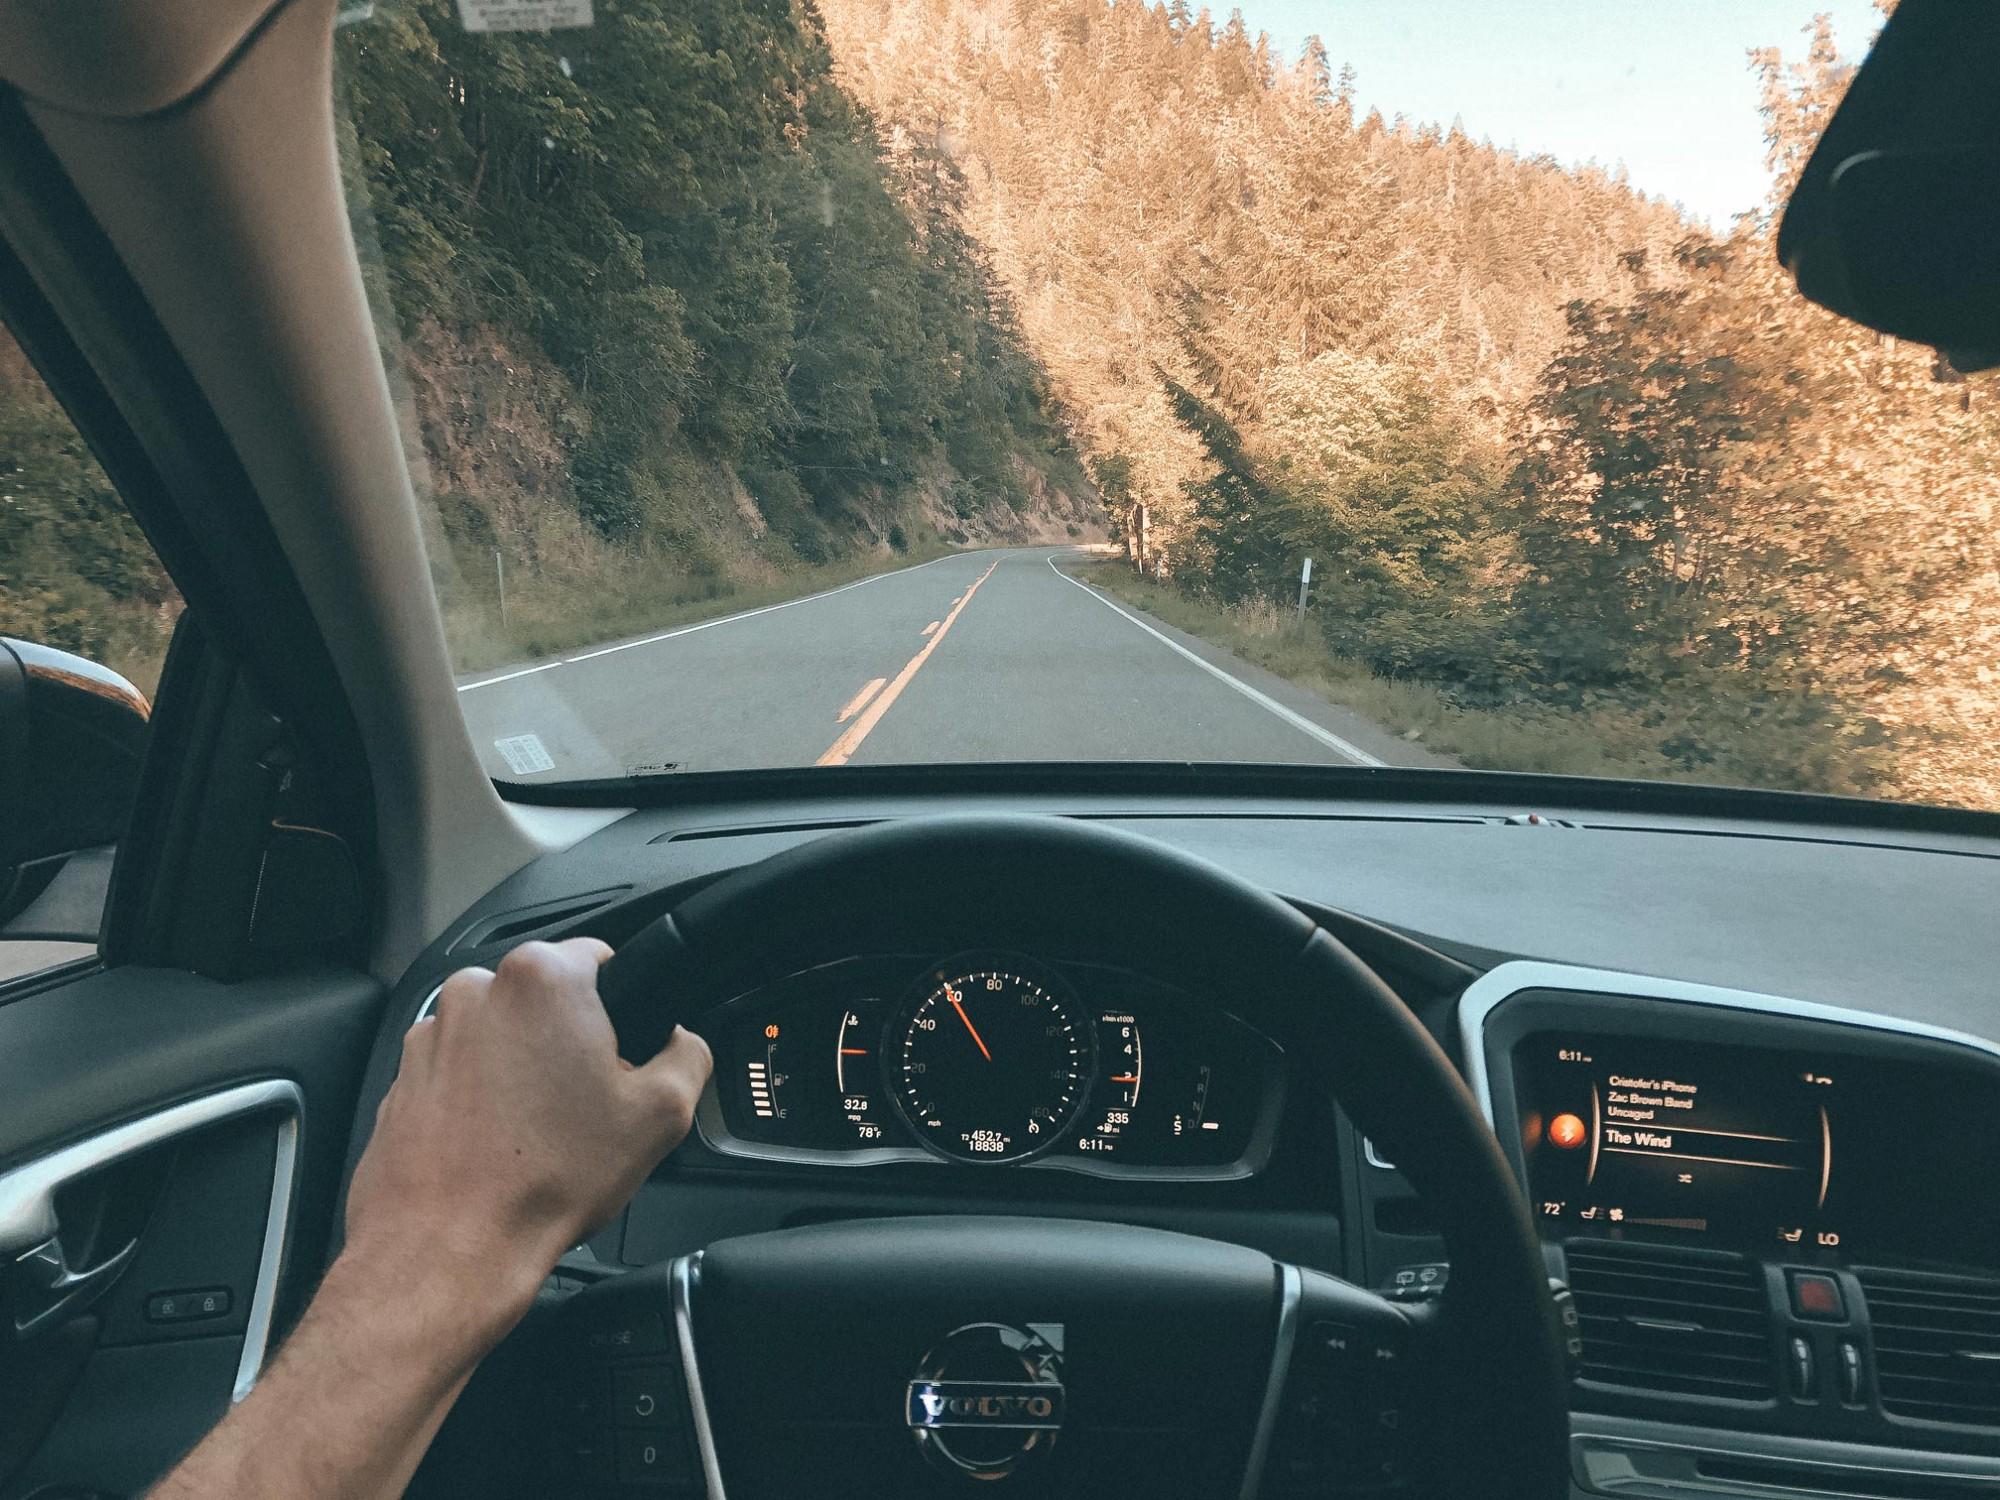 cristofer_jeschke_volvo_driving.jpg